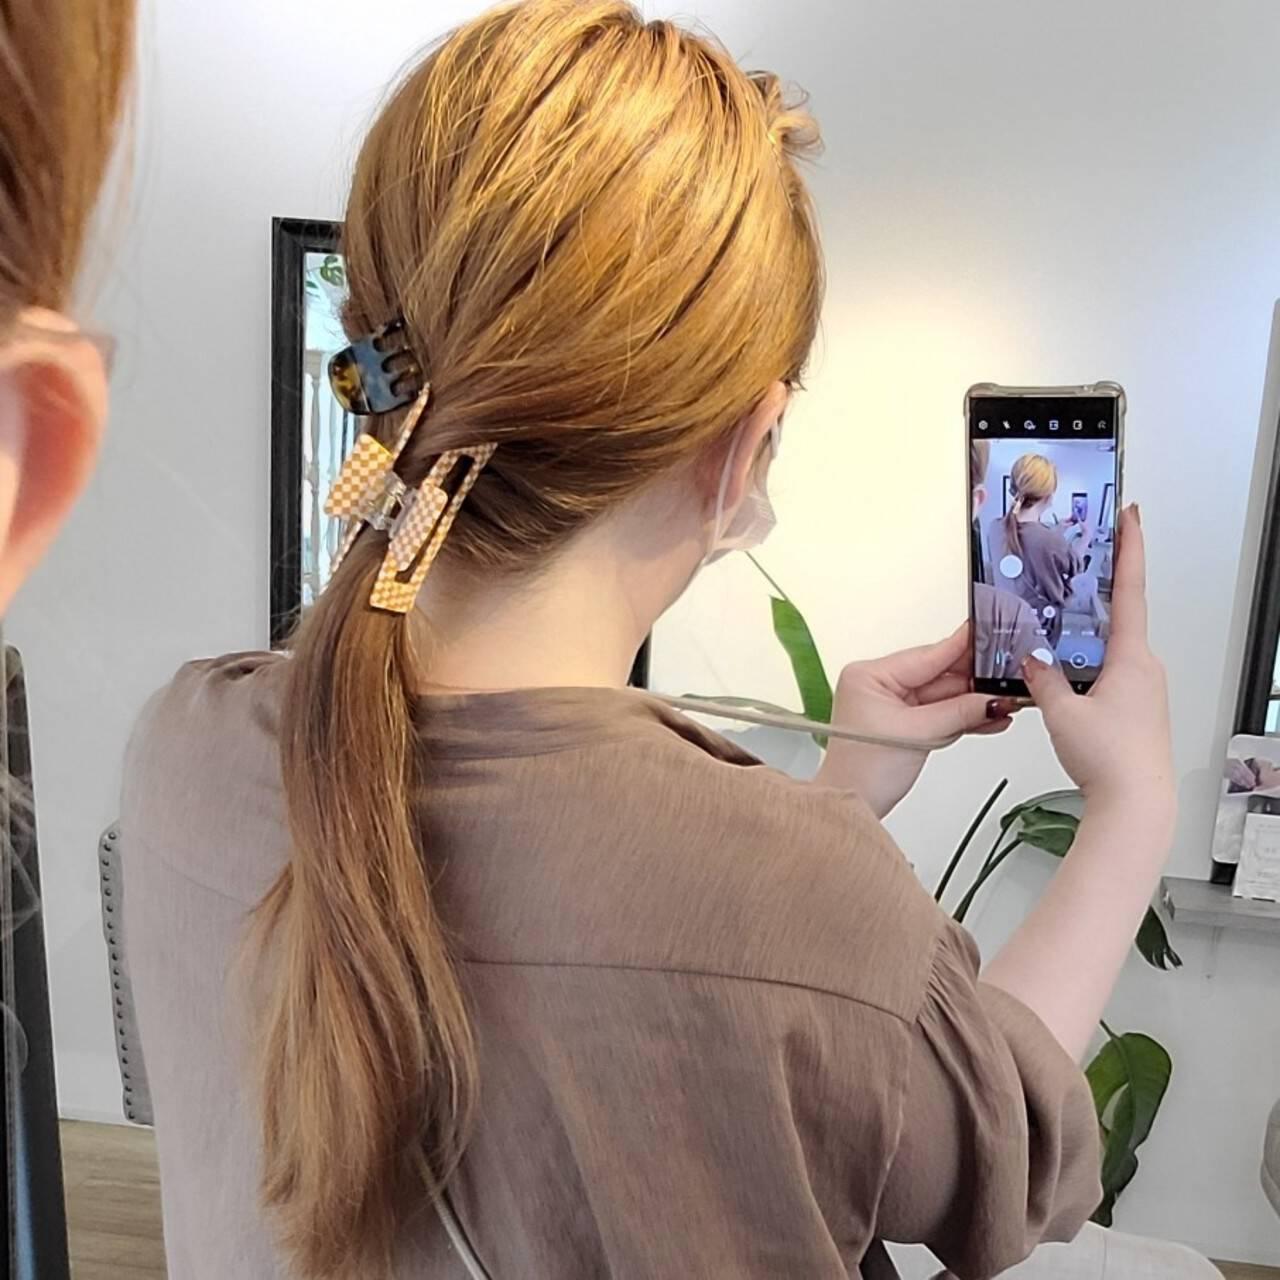 ヘアアレンジ セルフヘアアレンジ 簡単ヘアアレンジ ロングヘアスタイルや髪型の写真・画像